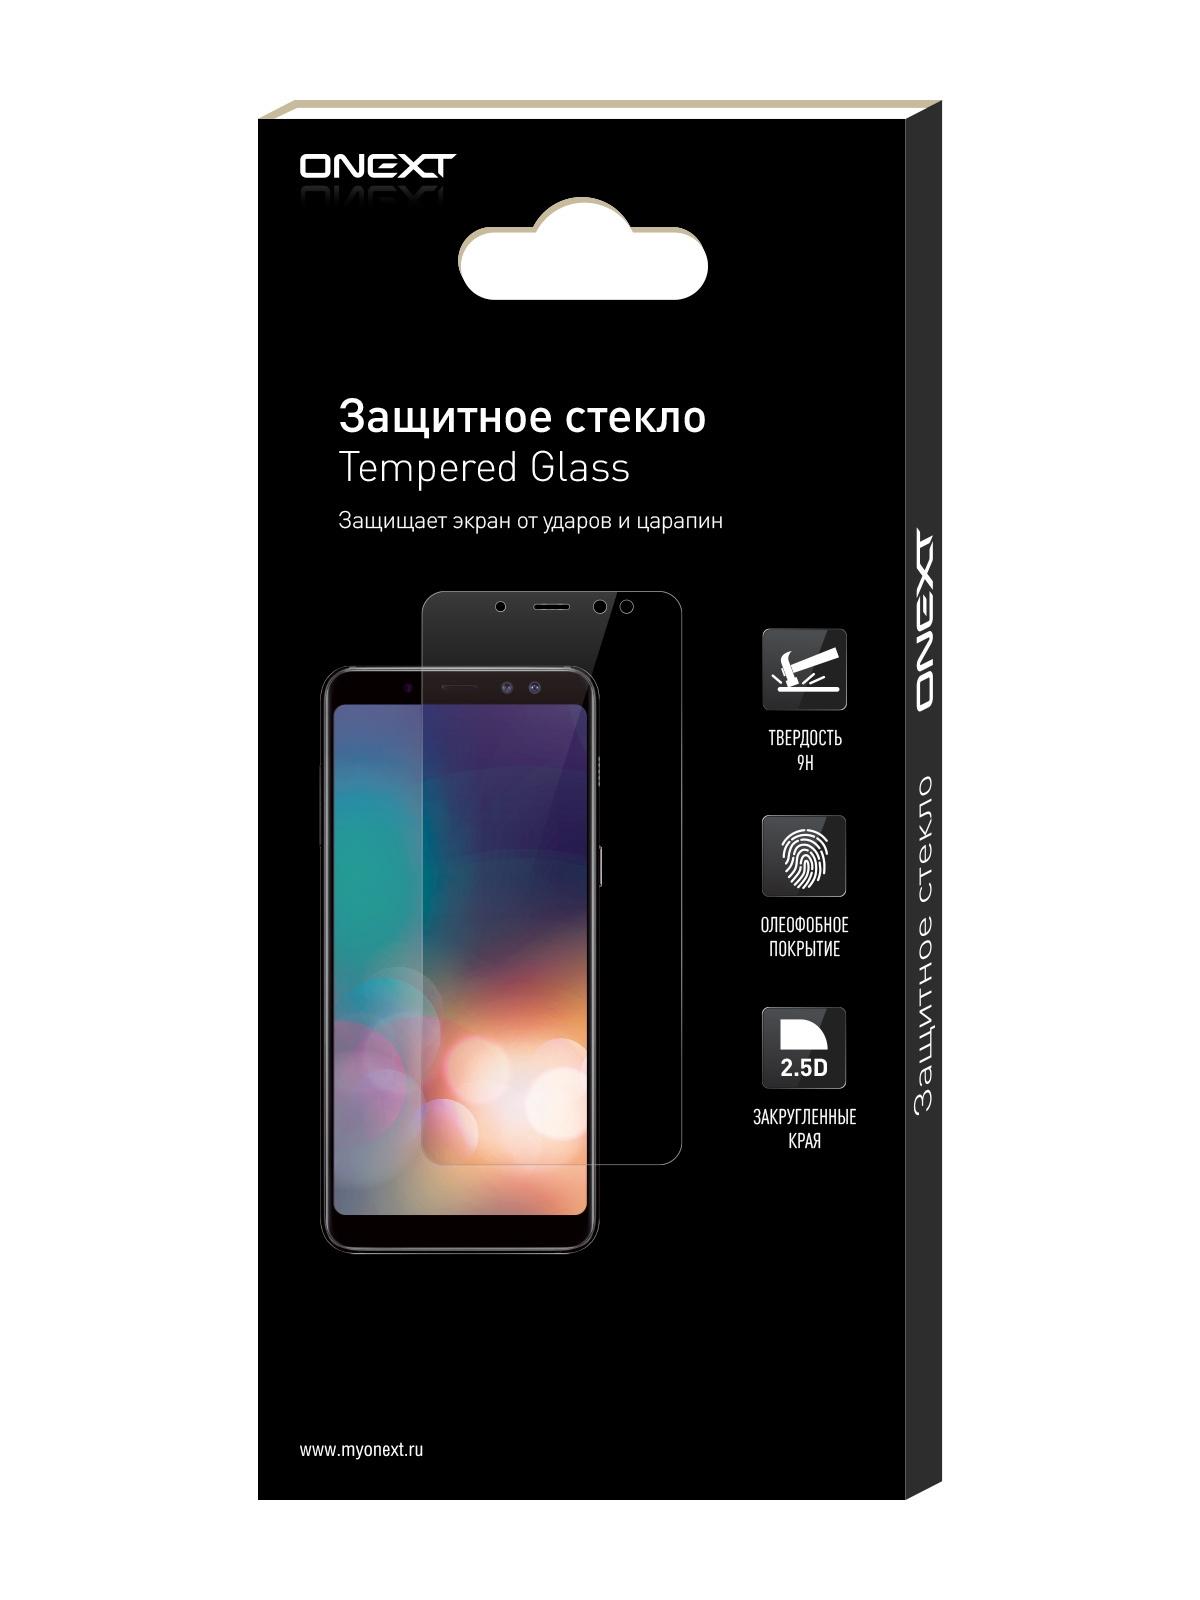 Защитное стекло ONEXT Samsung Galaxy J5 Prime